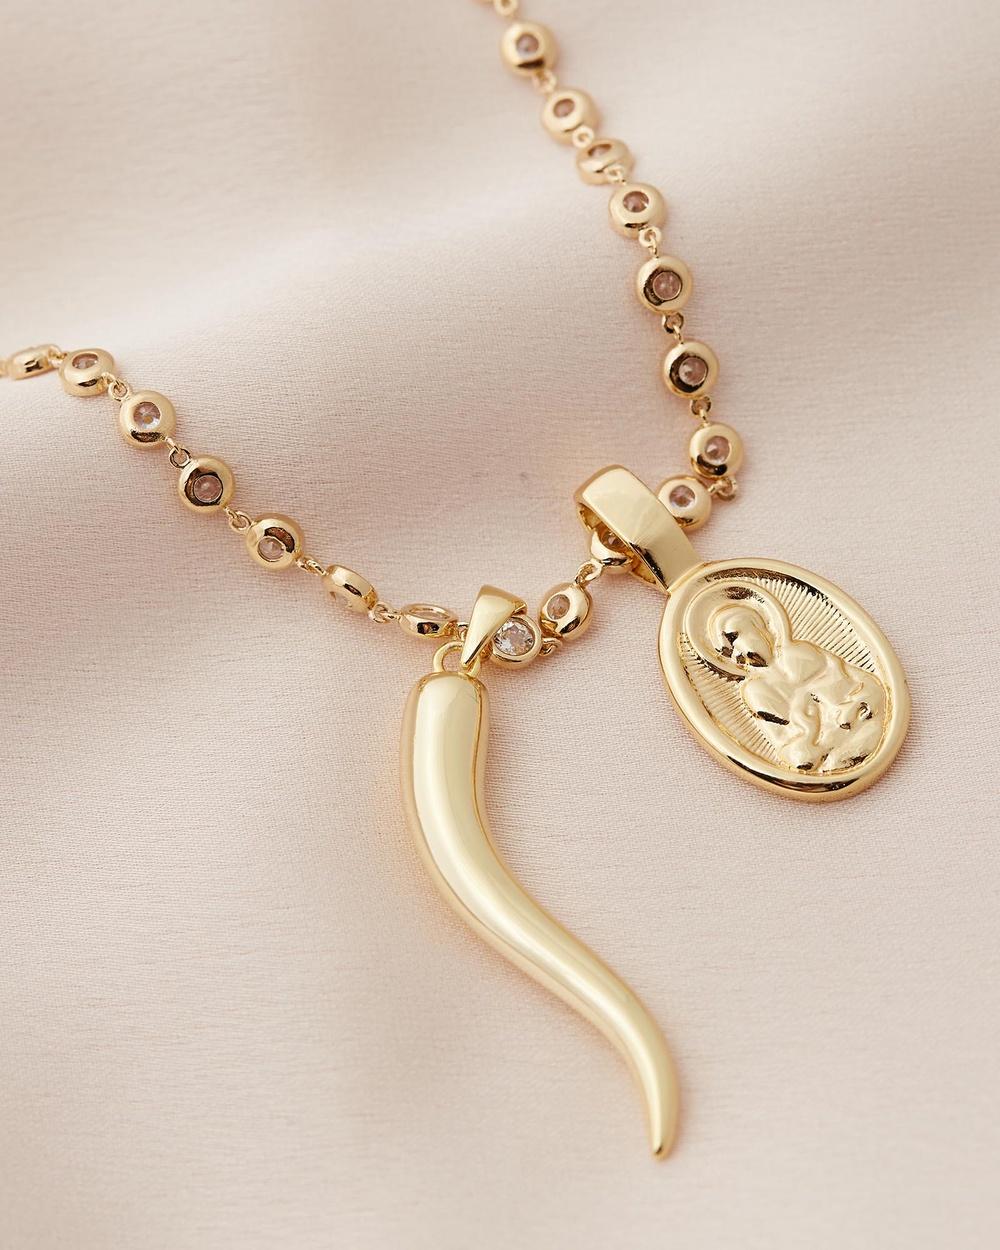 Sorella Oval Mary & Cornicello Brillare Necklace Jewellery Gold